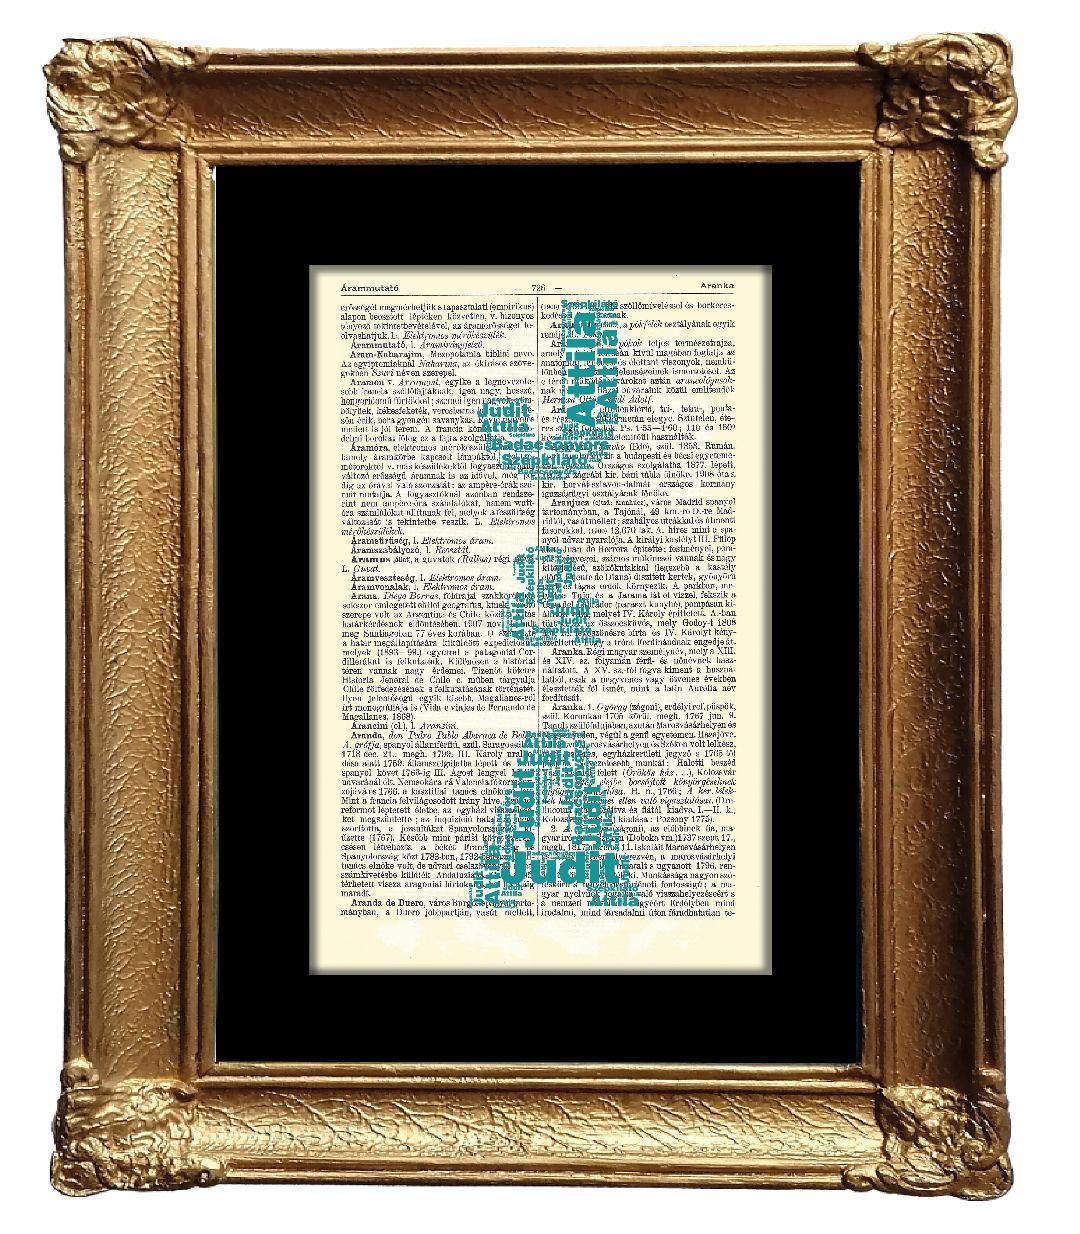 Több betű formájában alkotott egyéni szófelhő